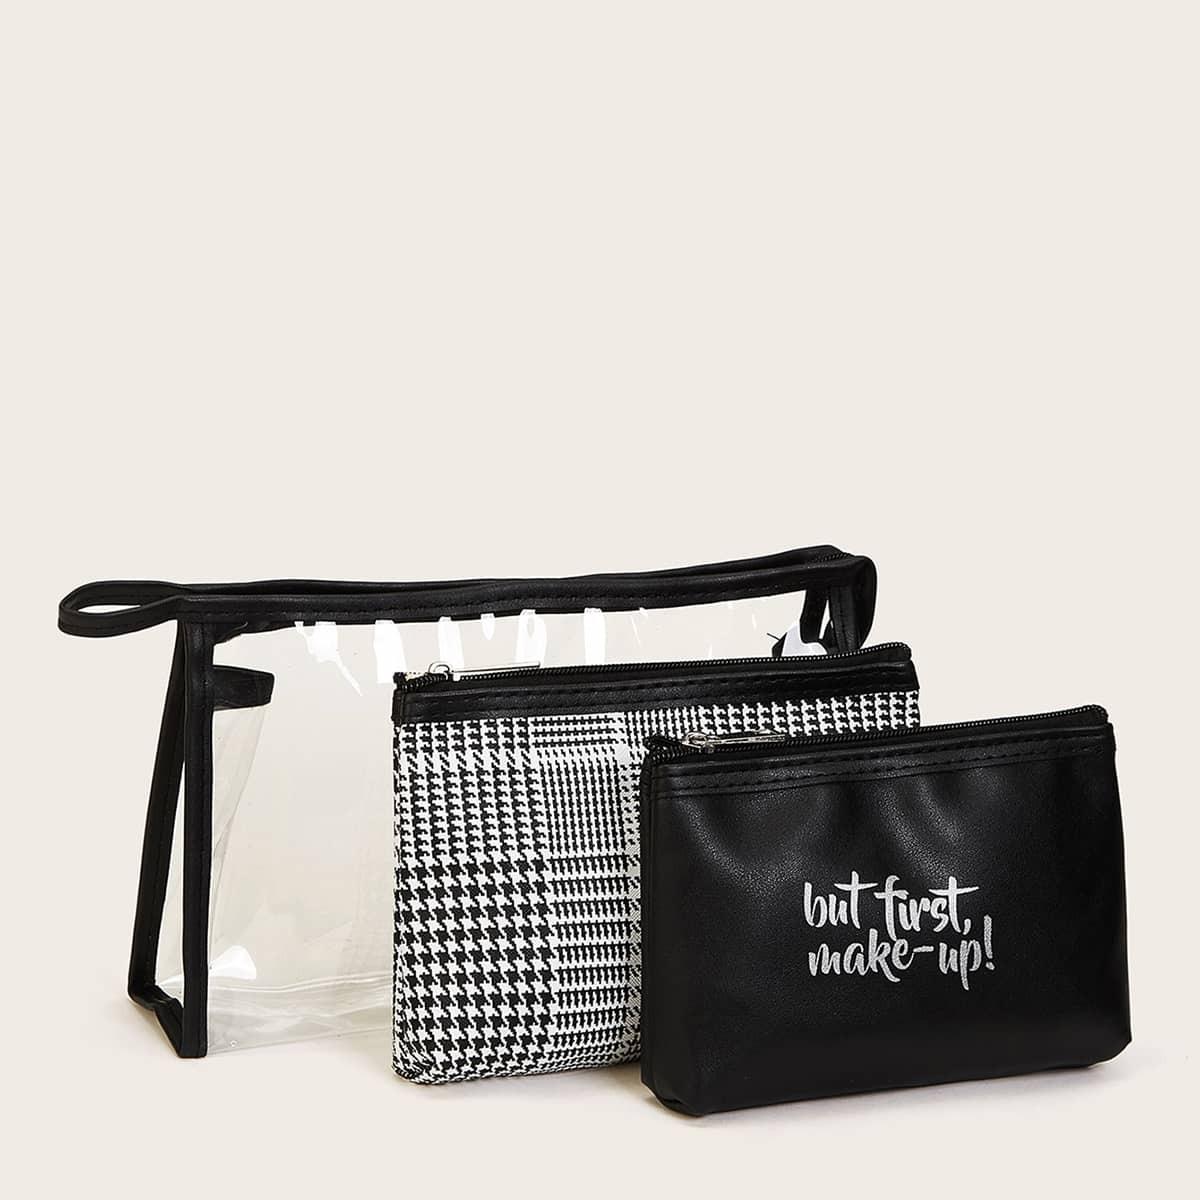 Набор сумка для макияжа с текствым принтом 3шт.